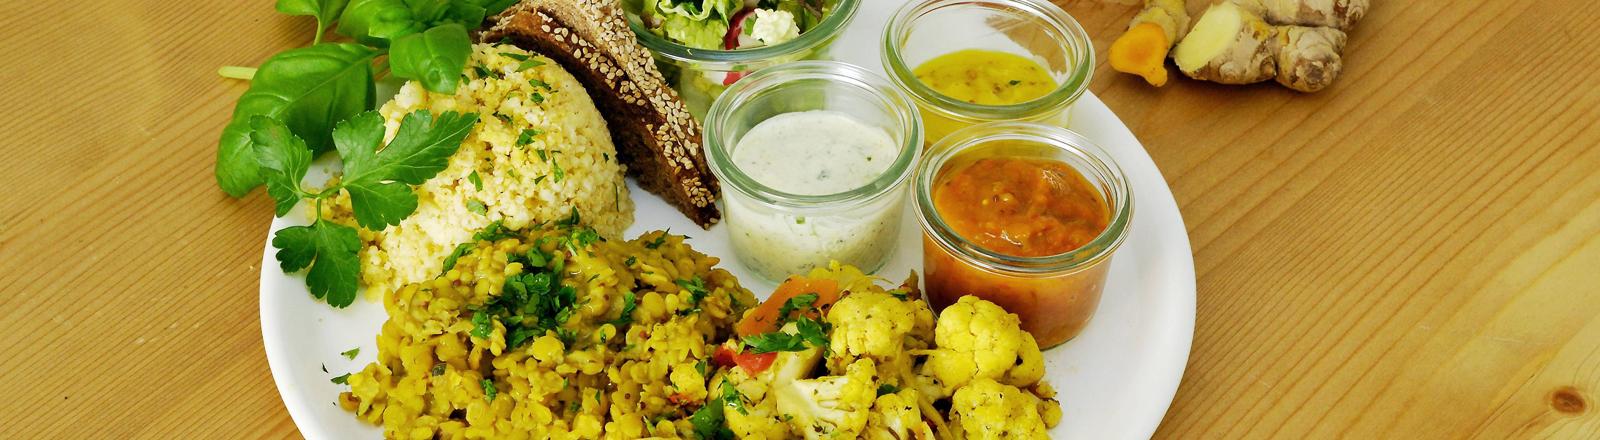 Teller mit Gemüse und Reis